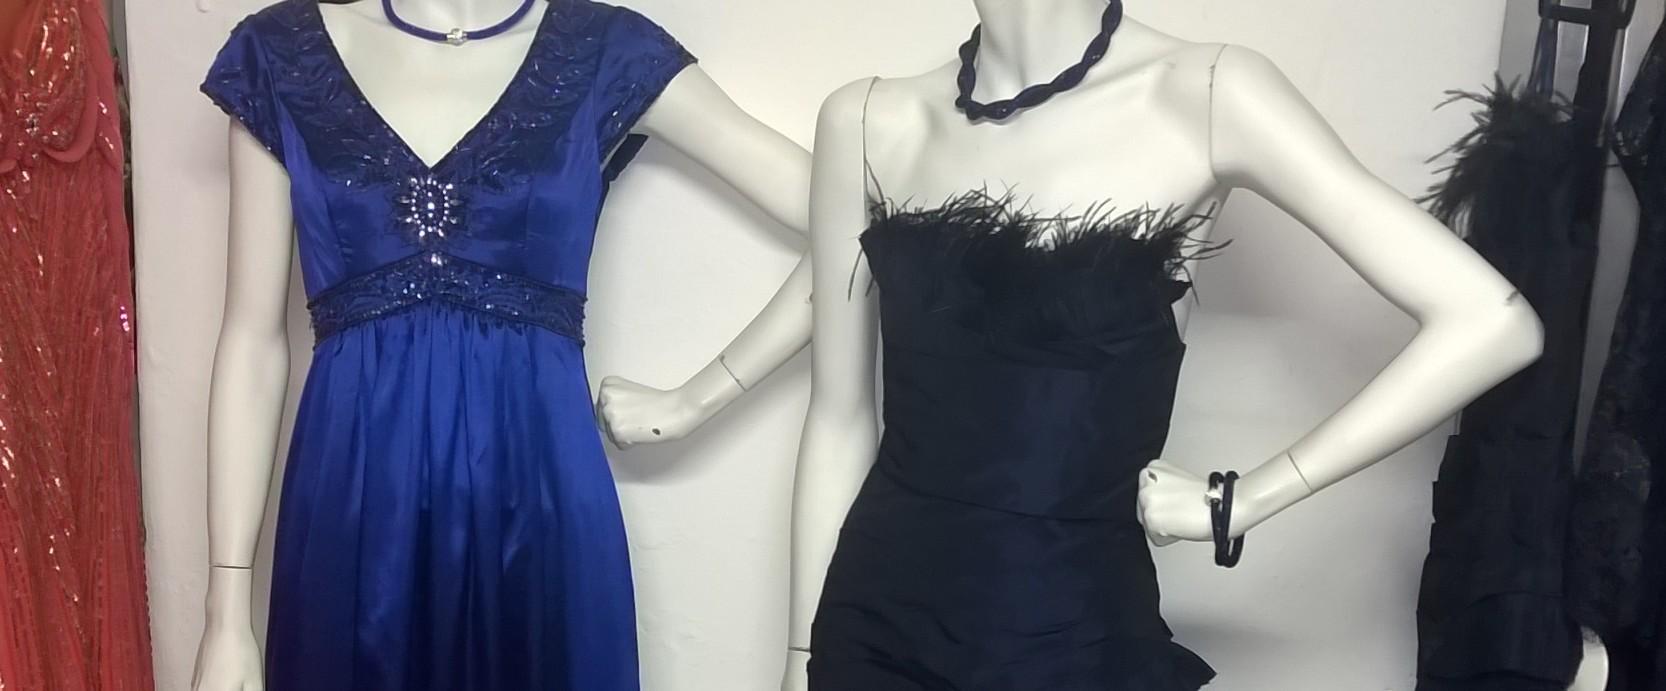 Designer outlet kleider dortmund